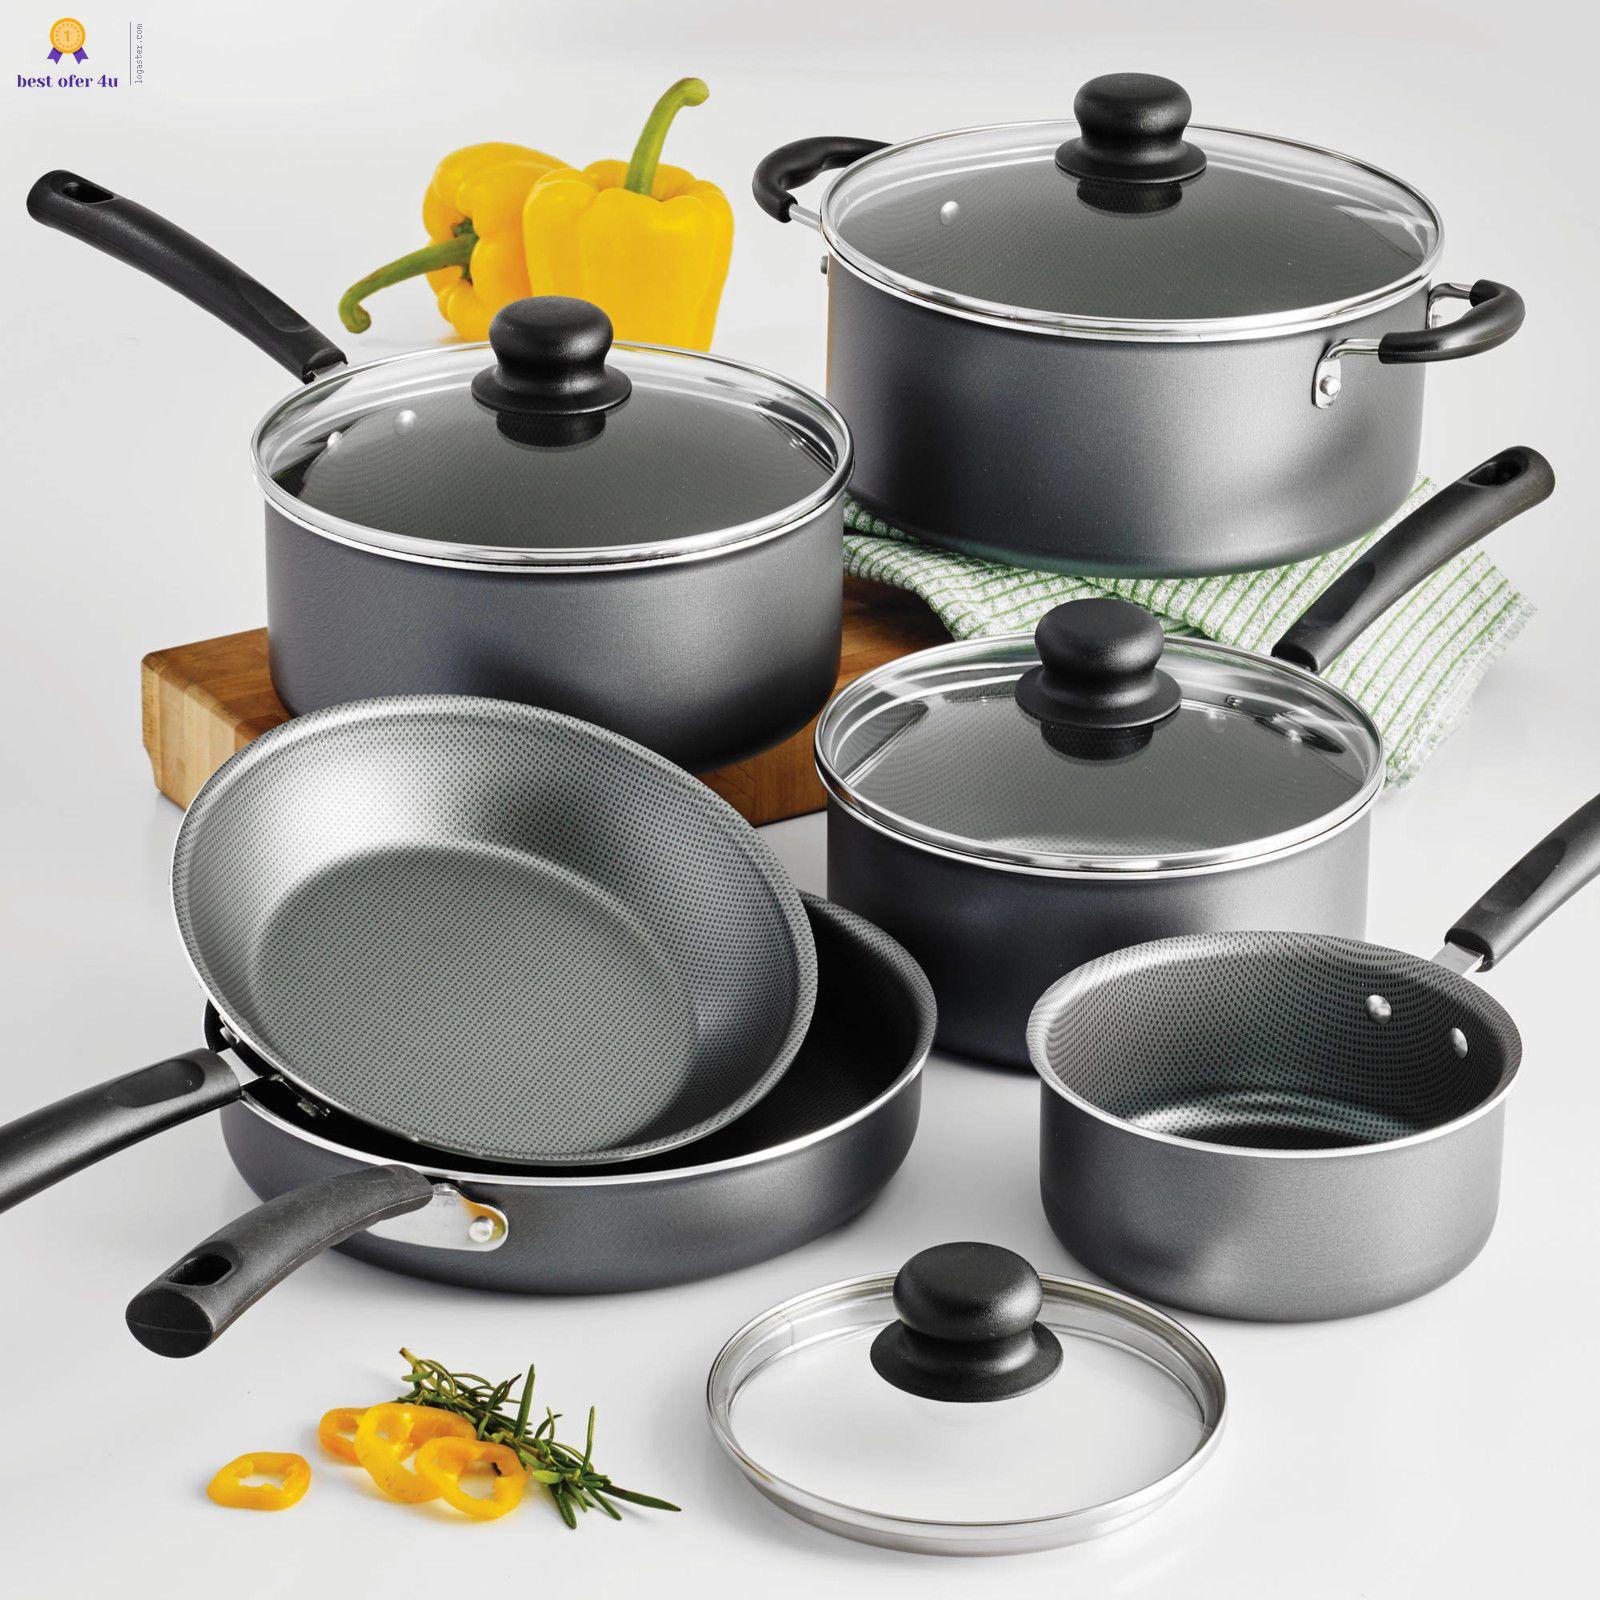 Tramontina Primaware 10 Piece Nonstick Cookware Set Steel Gray